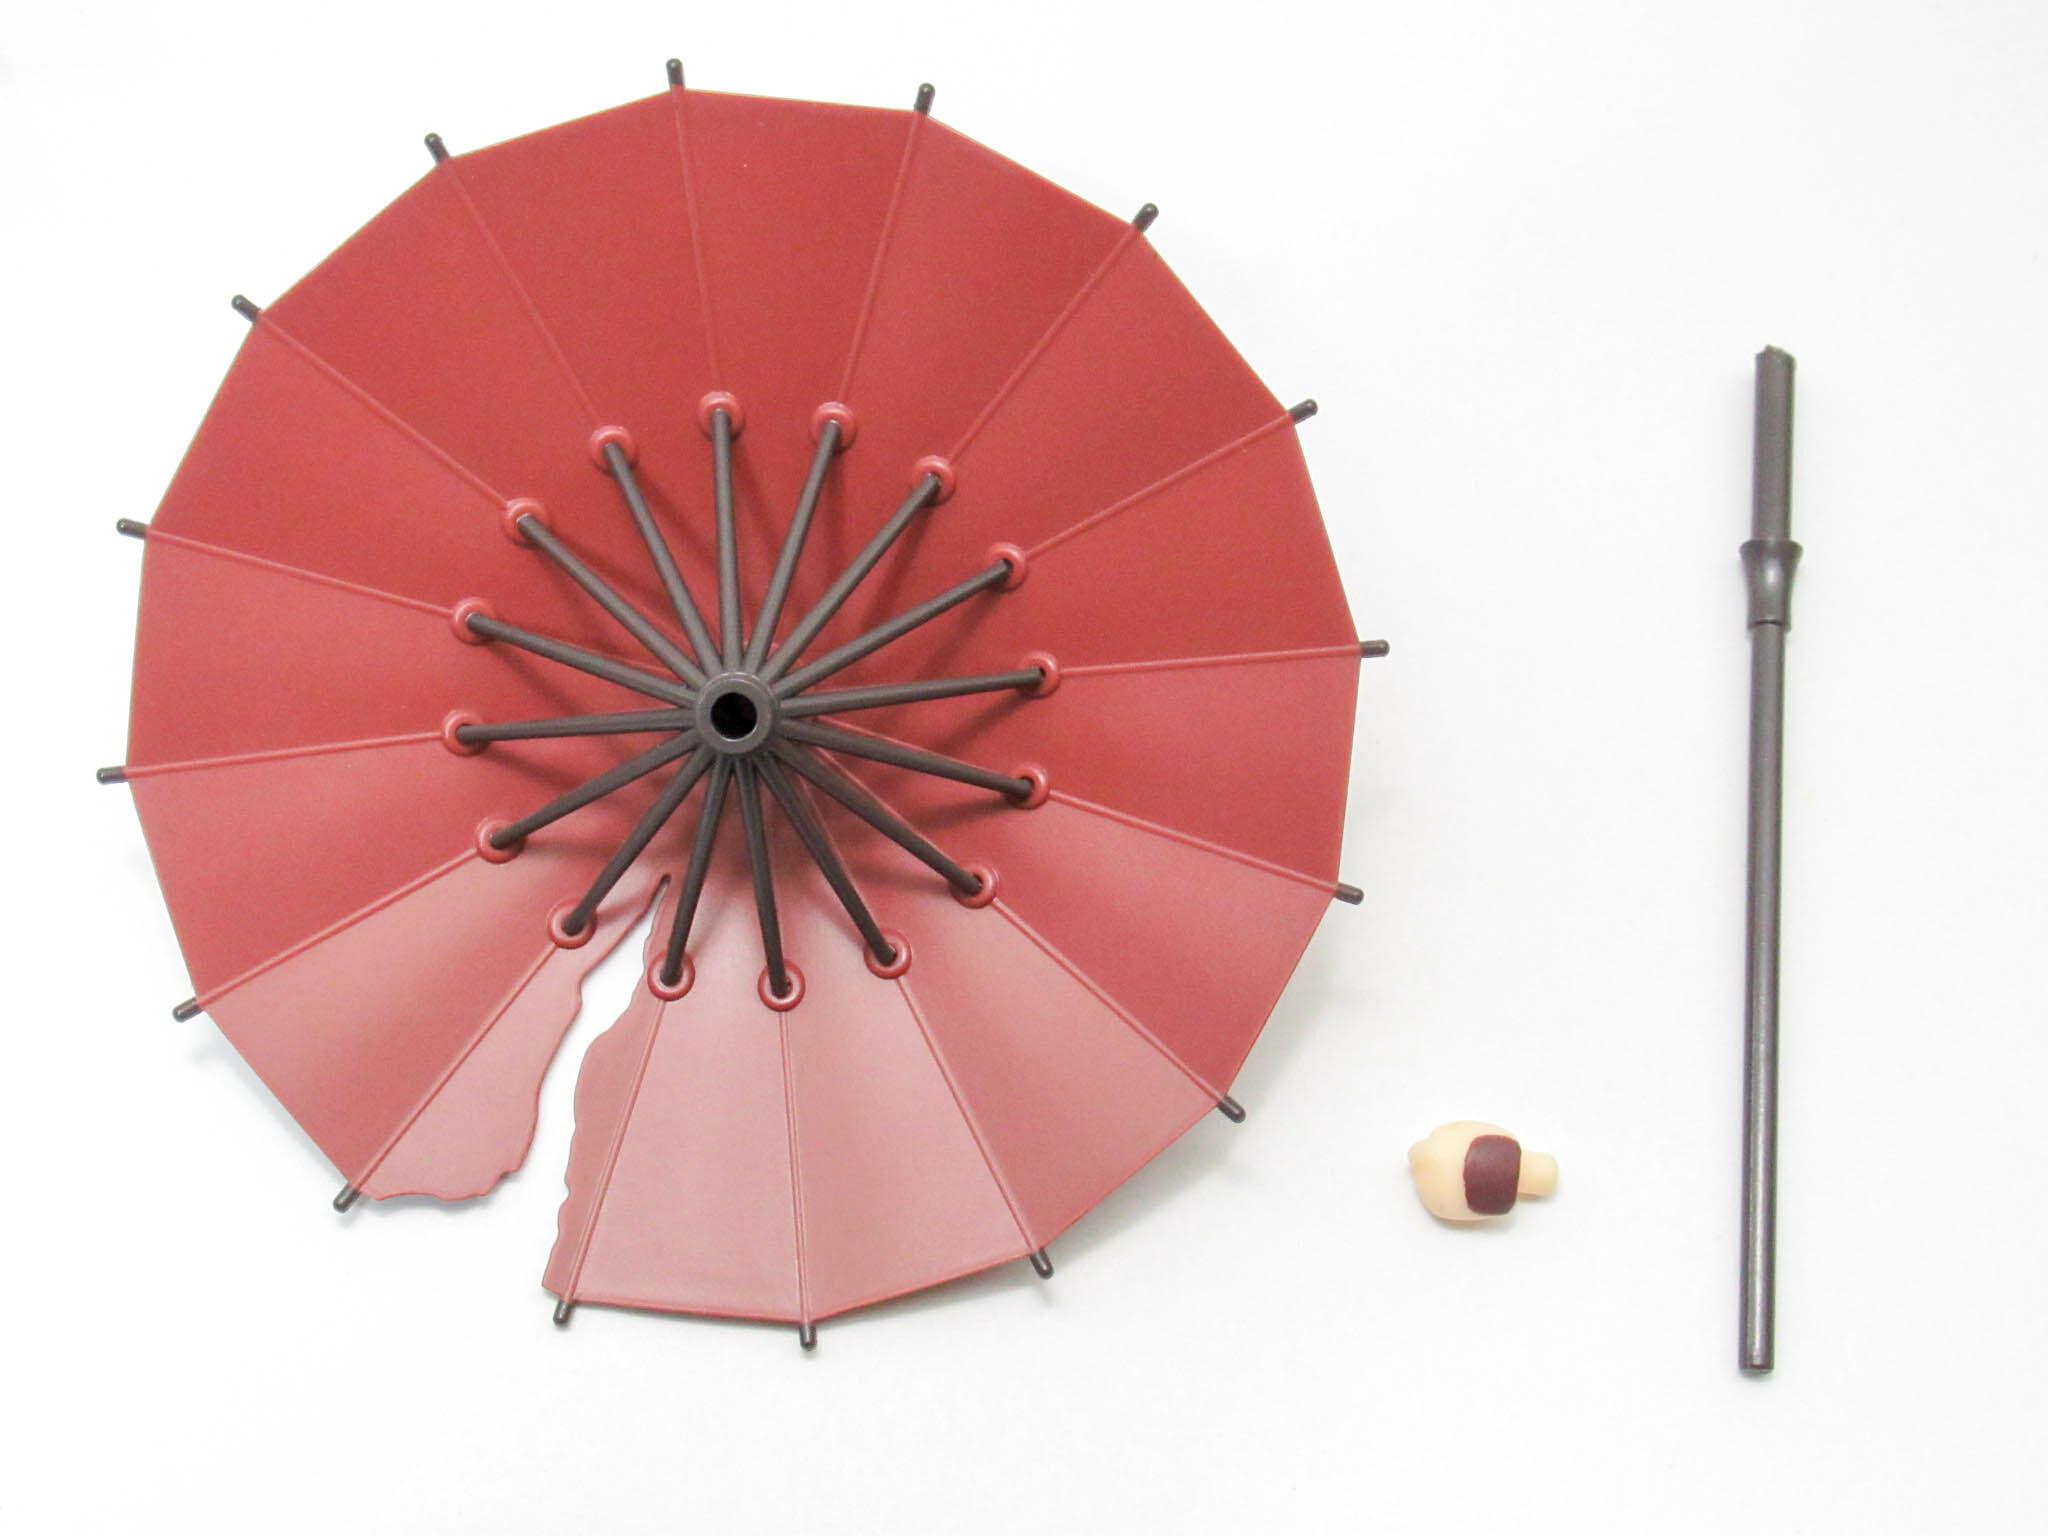 再入荷【1061】 殤不患 小物パーツ 和傘 ねんどろいど